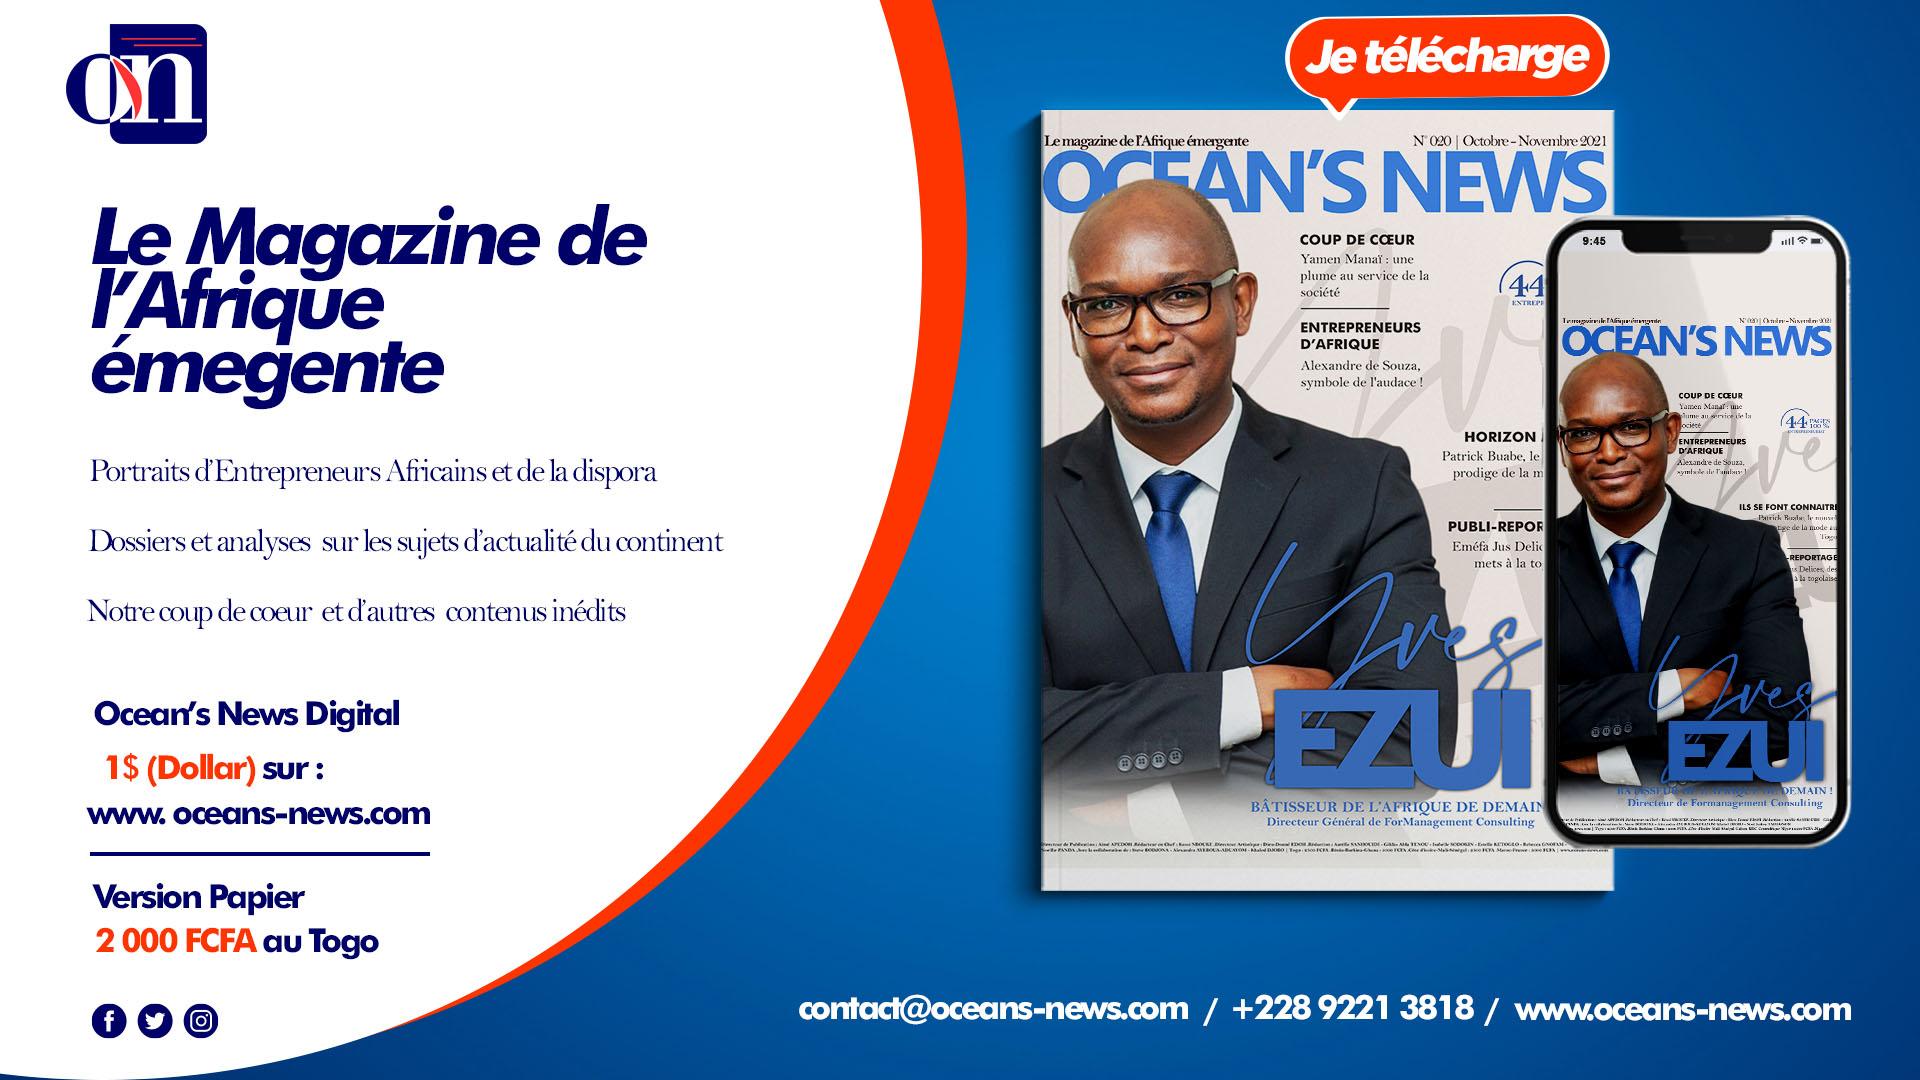 Interview avec Yves Ezui, Fondateur et Directeur Général de ForManagement Consulting